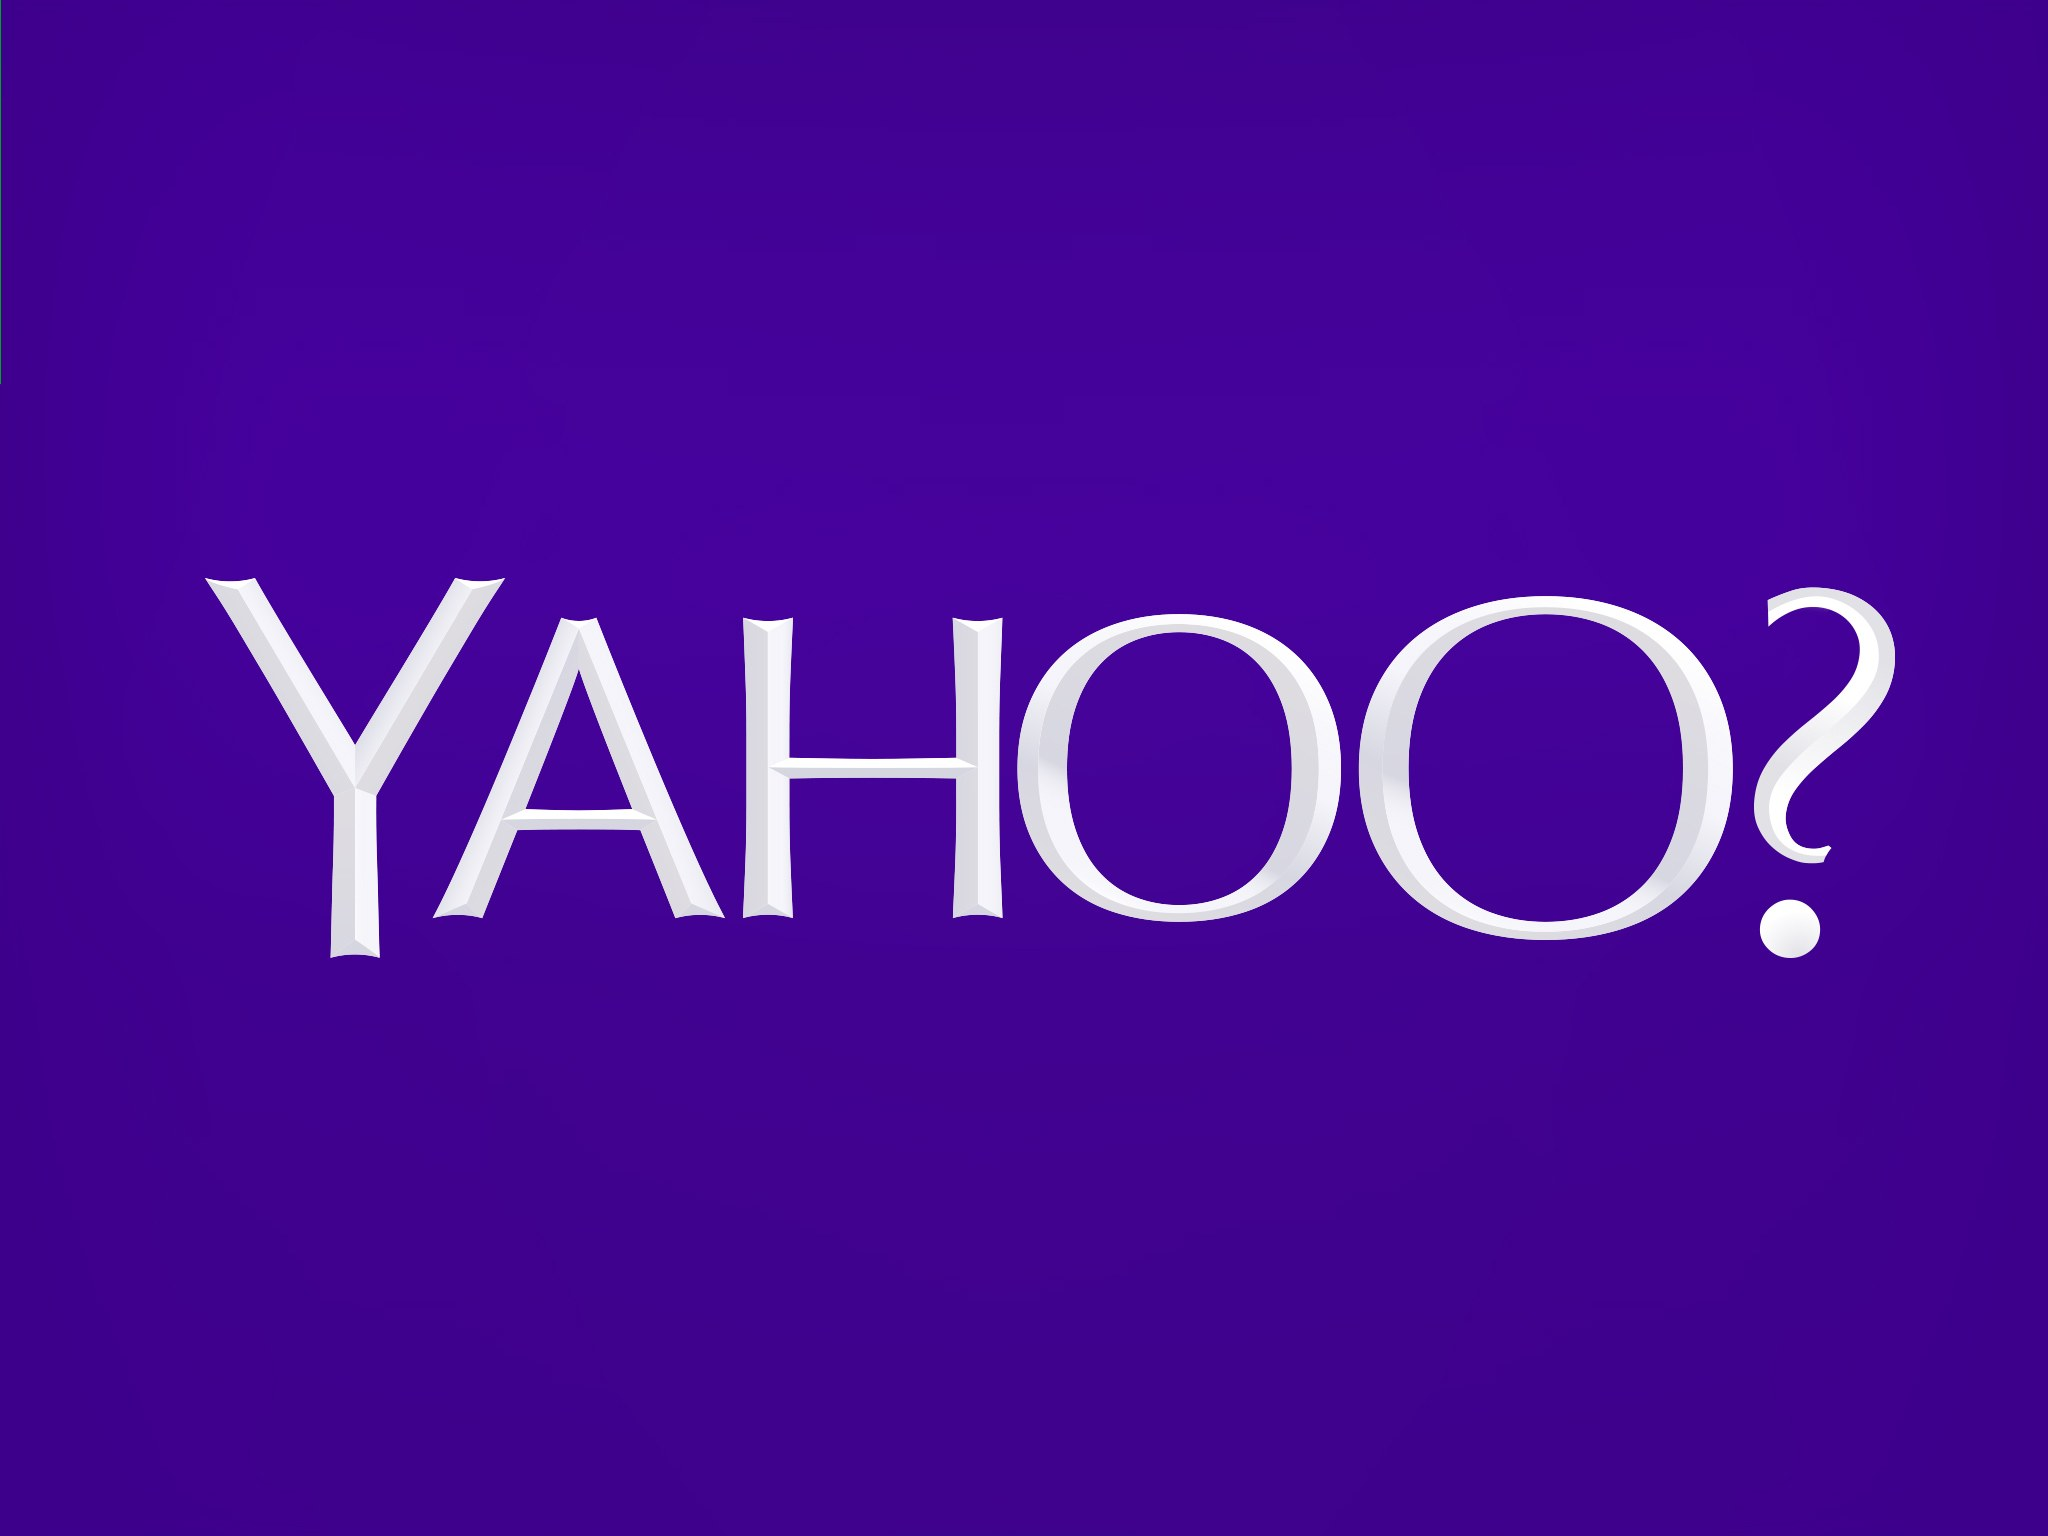 بالتفاصيل تعرف على قصة نجاح موقع yahoo